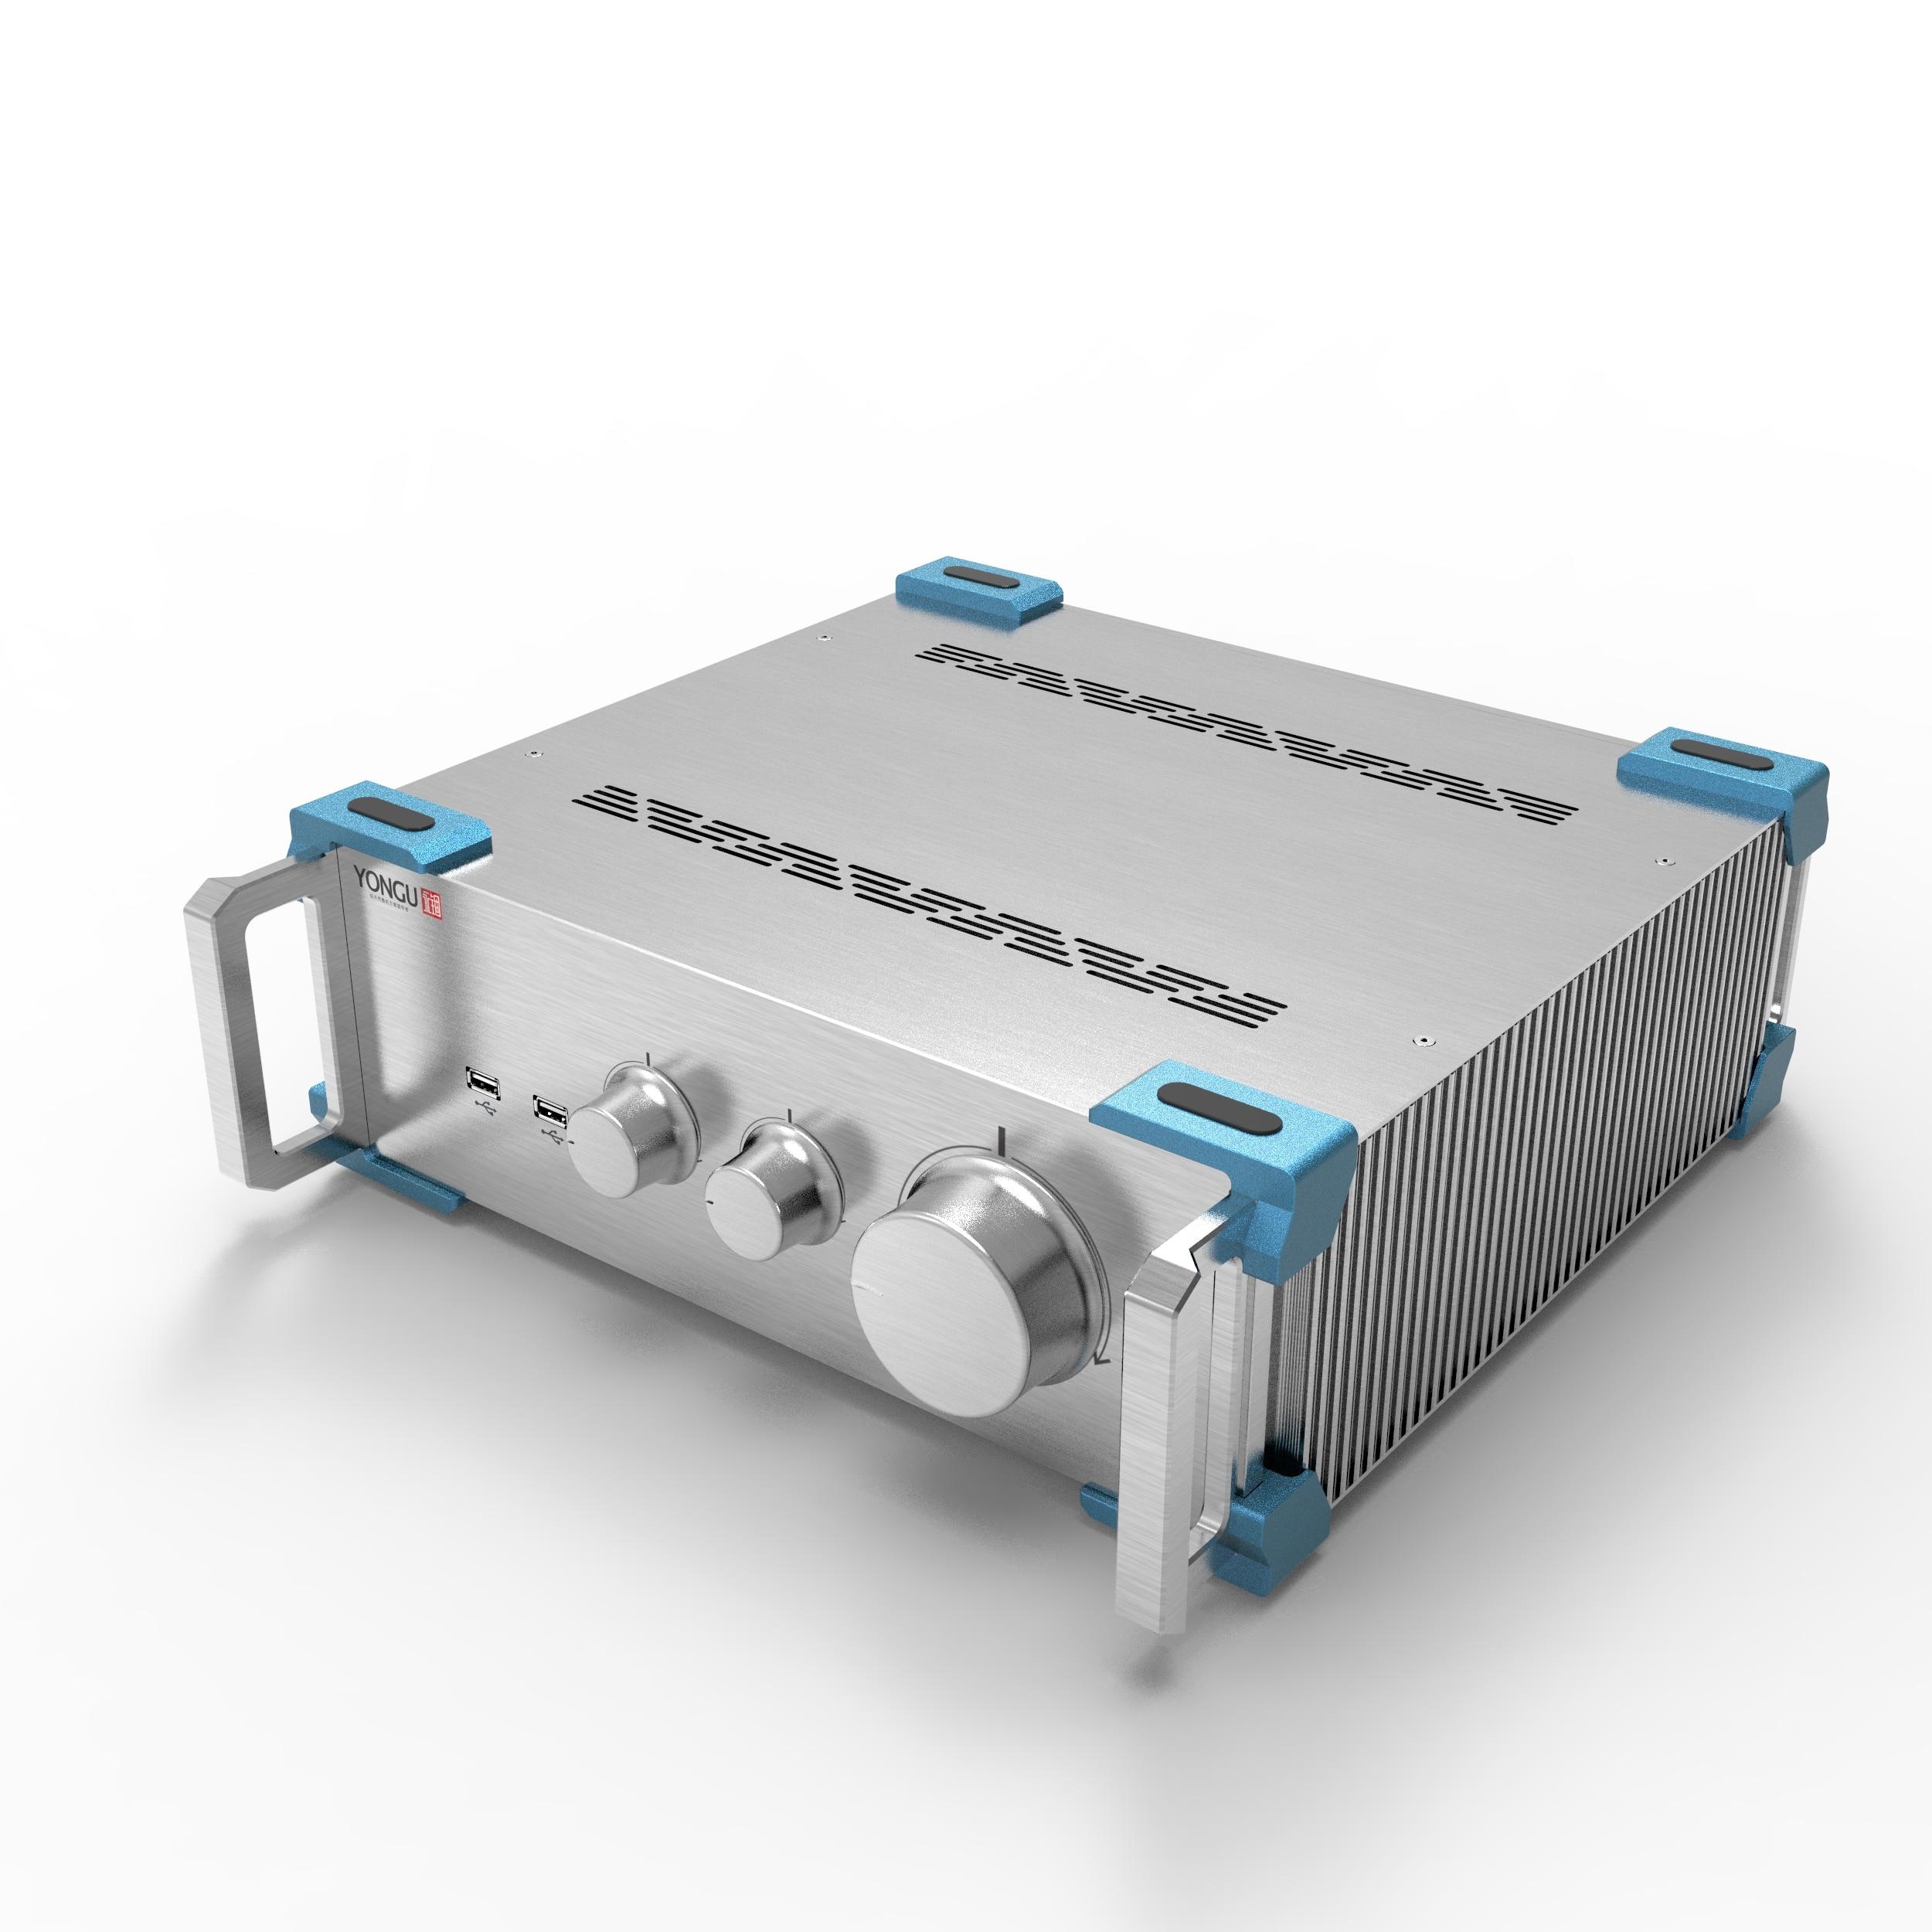 115H الصناعية التبديل الضميمة OEM تصنيع التخصيص المكونات الإلكترونية الألومنيوم عالية التخزين لتقوم بها بنفسك صندوق إلكترونيات